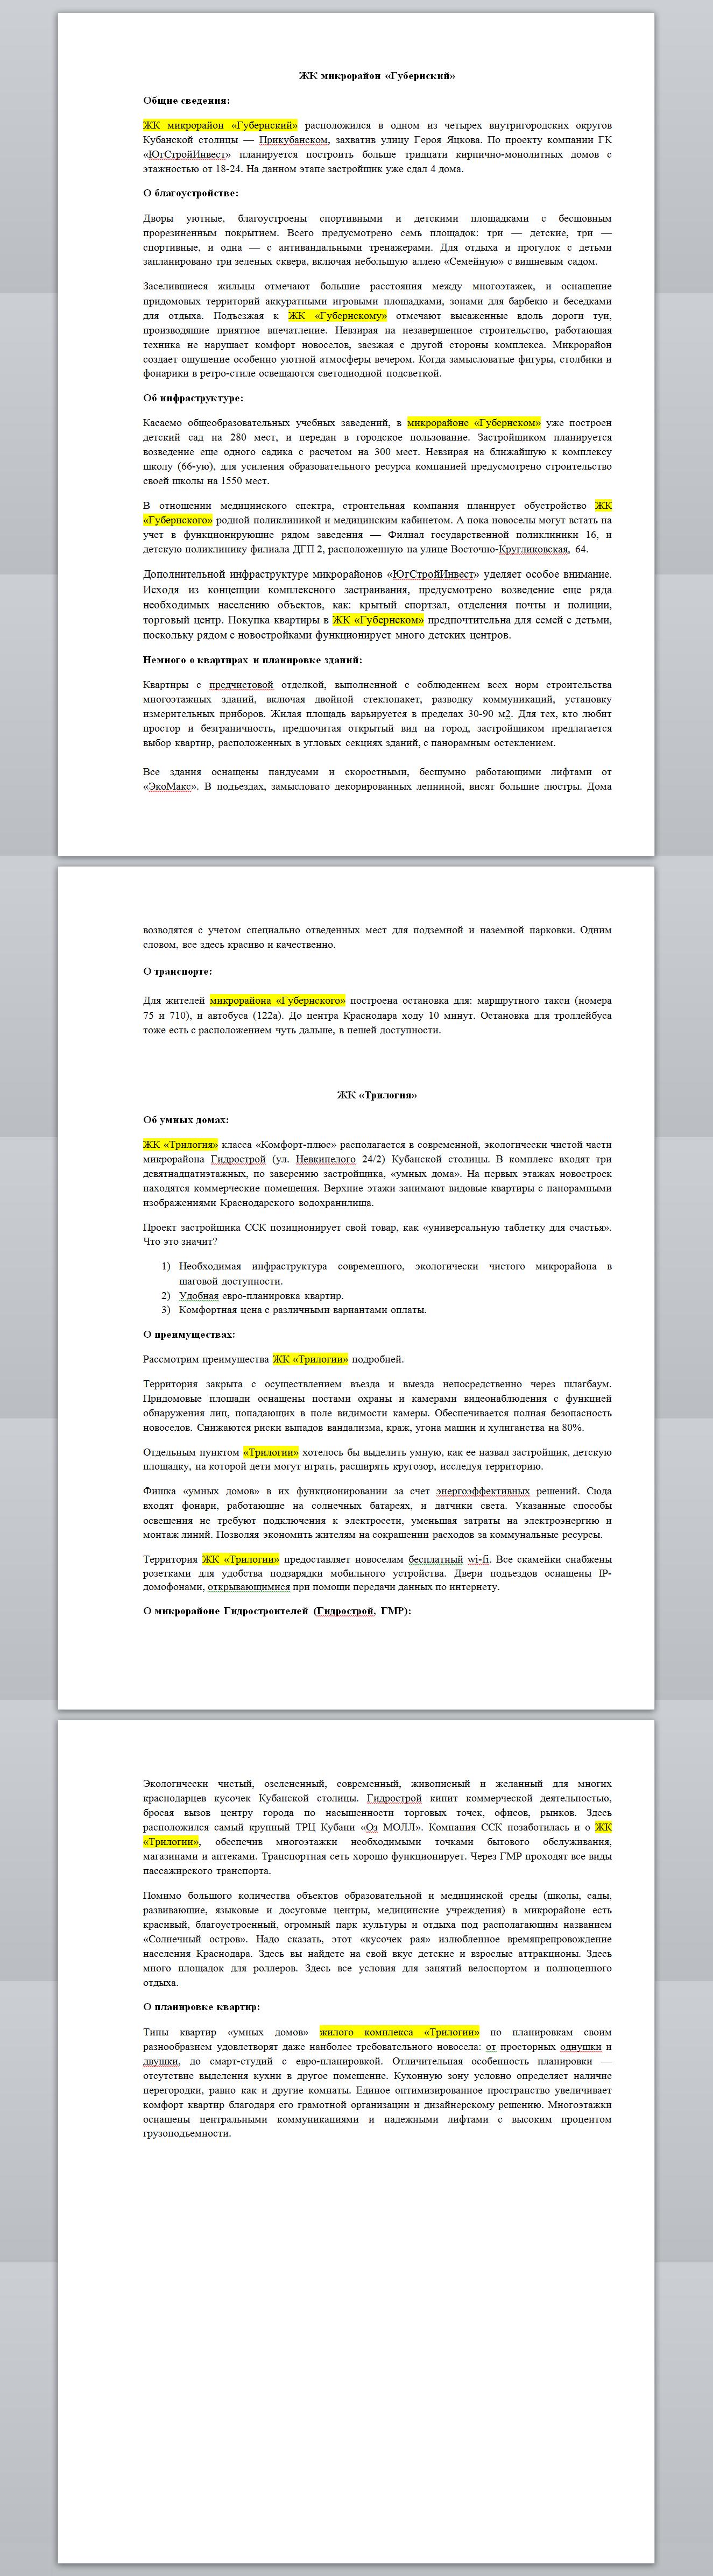 Описания жилых комплексов (написано и опубликовано около 150 текстов)